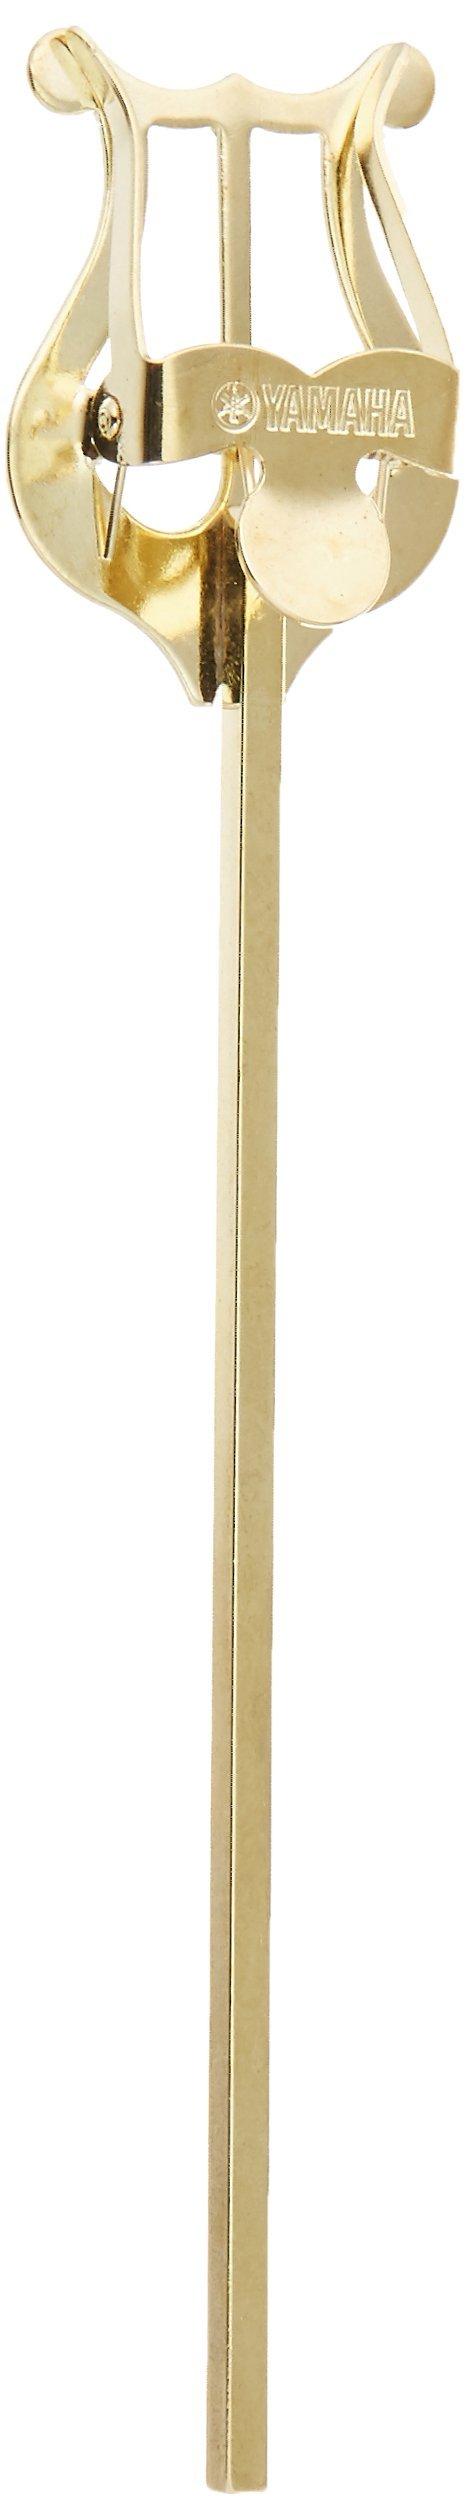 Yamaha YAC-1510G Baritone / Tuba / French Horn Lyre – Gold